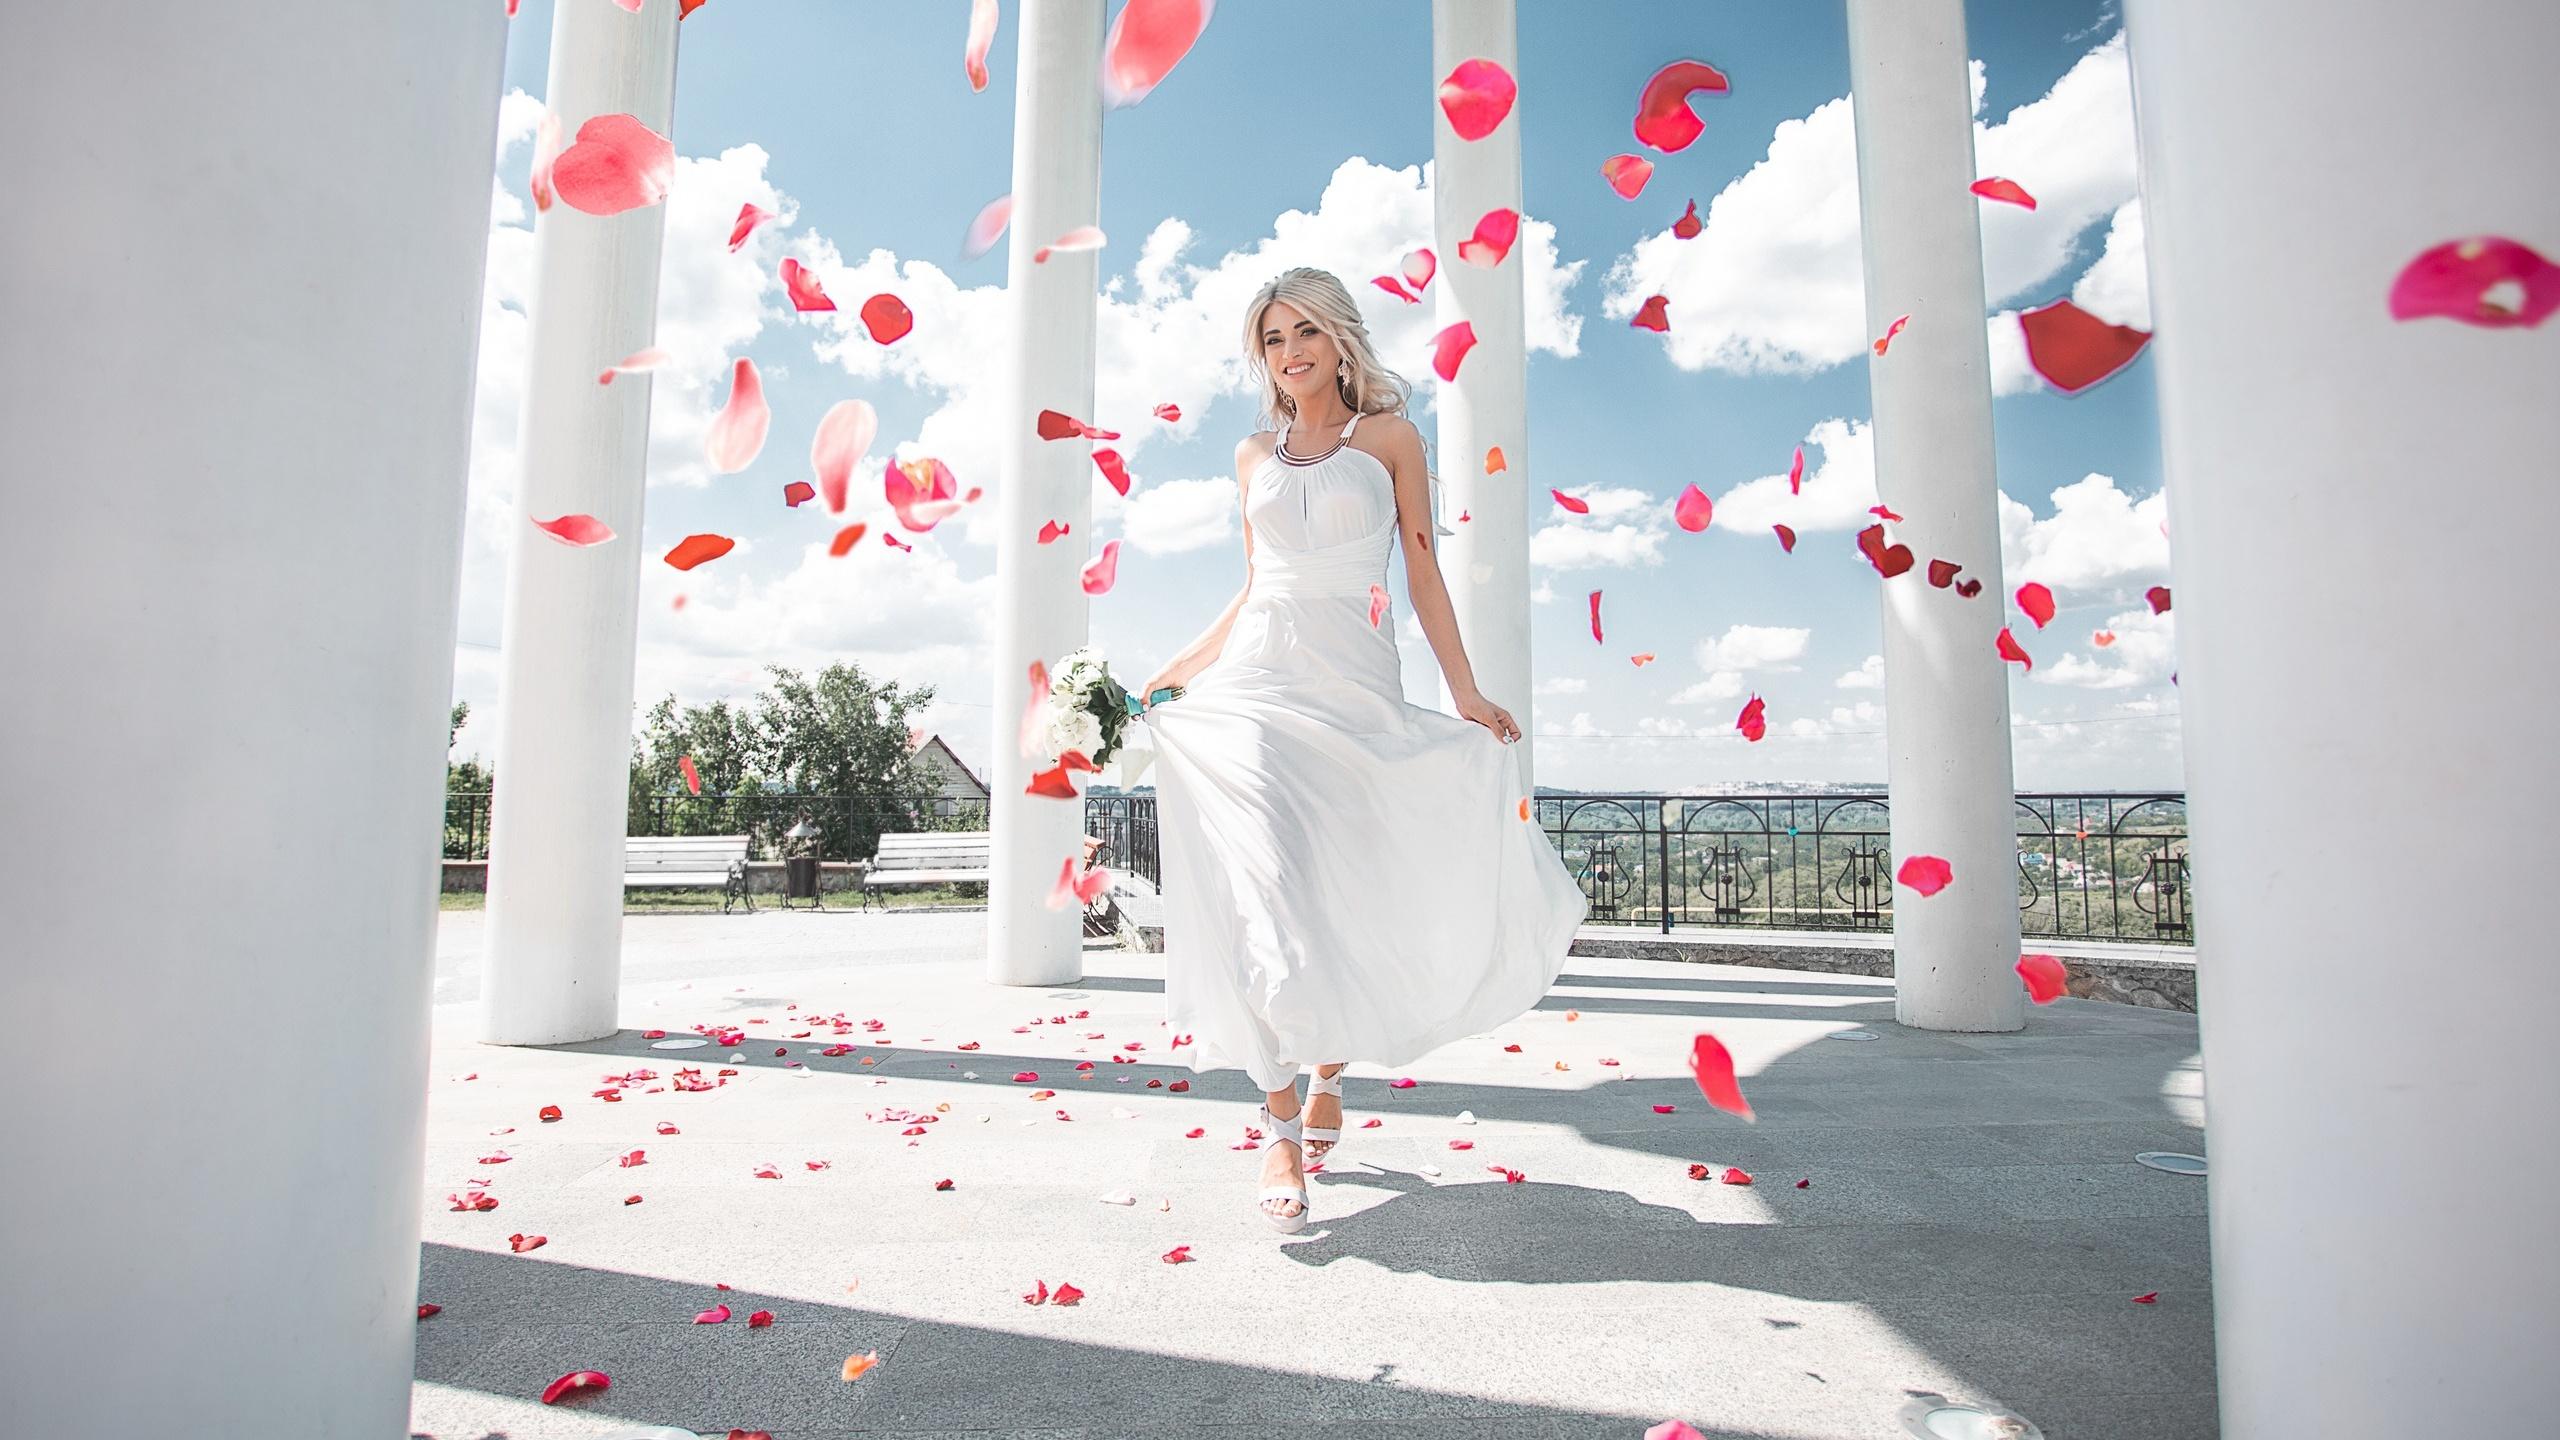 Фото колонны Maxim Tumanov Девушки Лепестки платья 2560x1440 Колонна девушка лепестков молодые женщины молодая женщина Платье